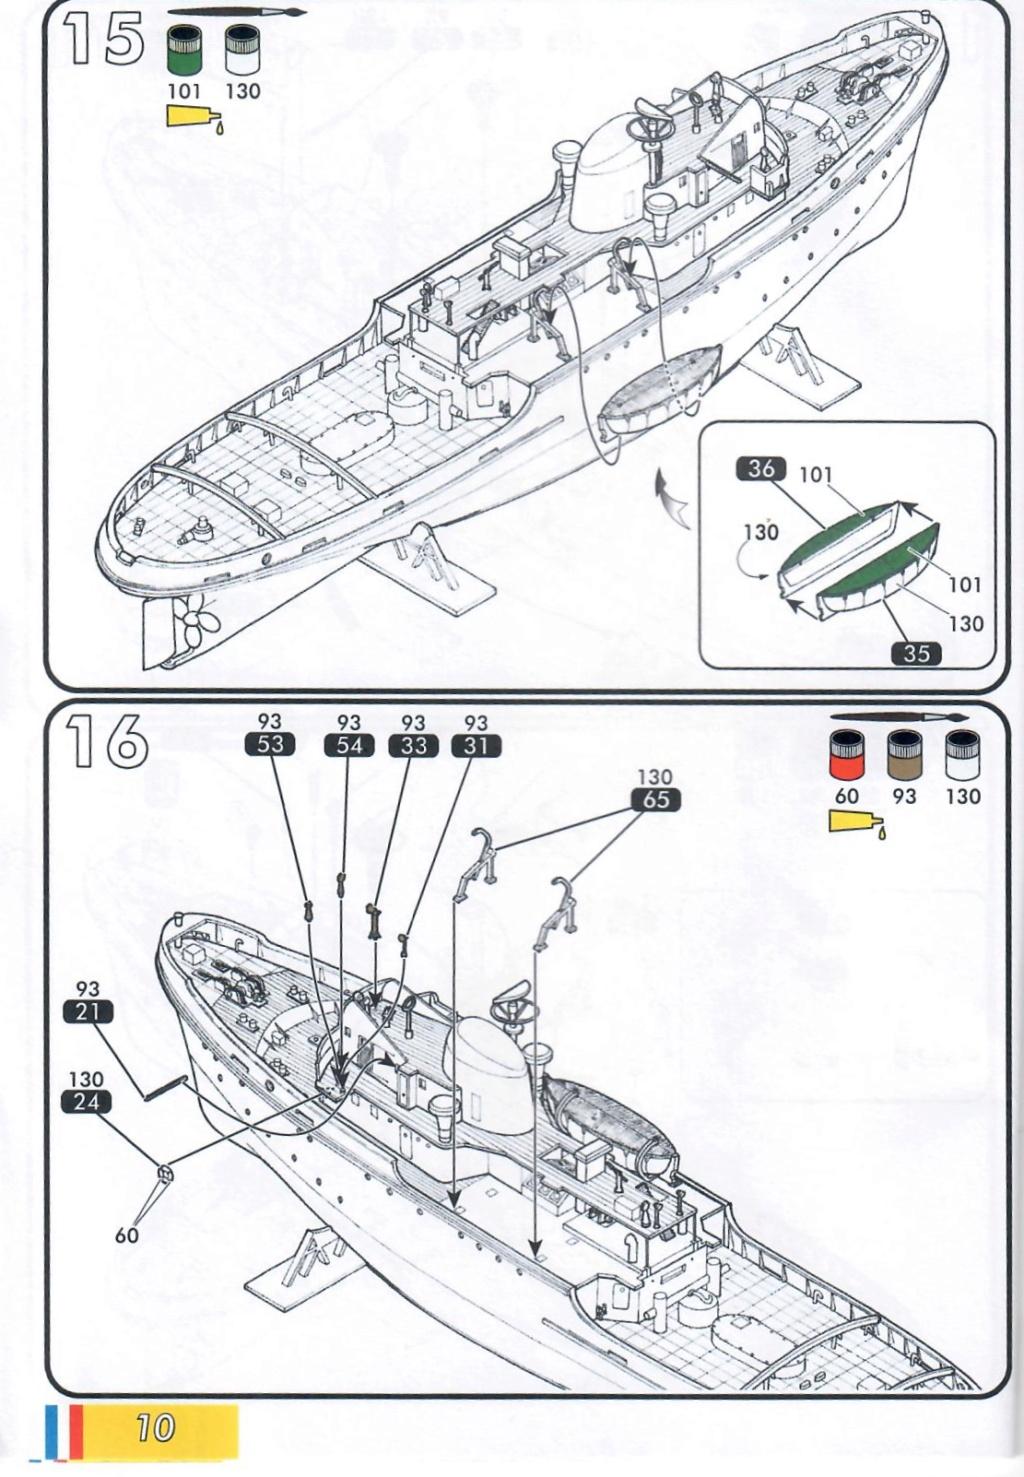 Remorqueur JEAN BART port d attache boks01 1/200ème Réf 80602 Notice29